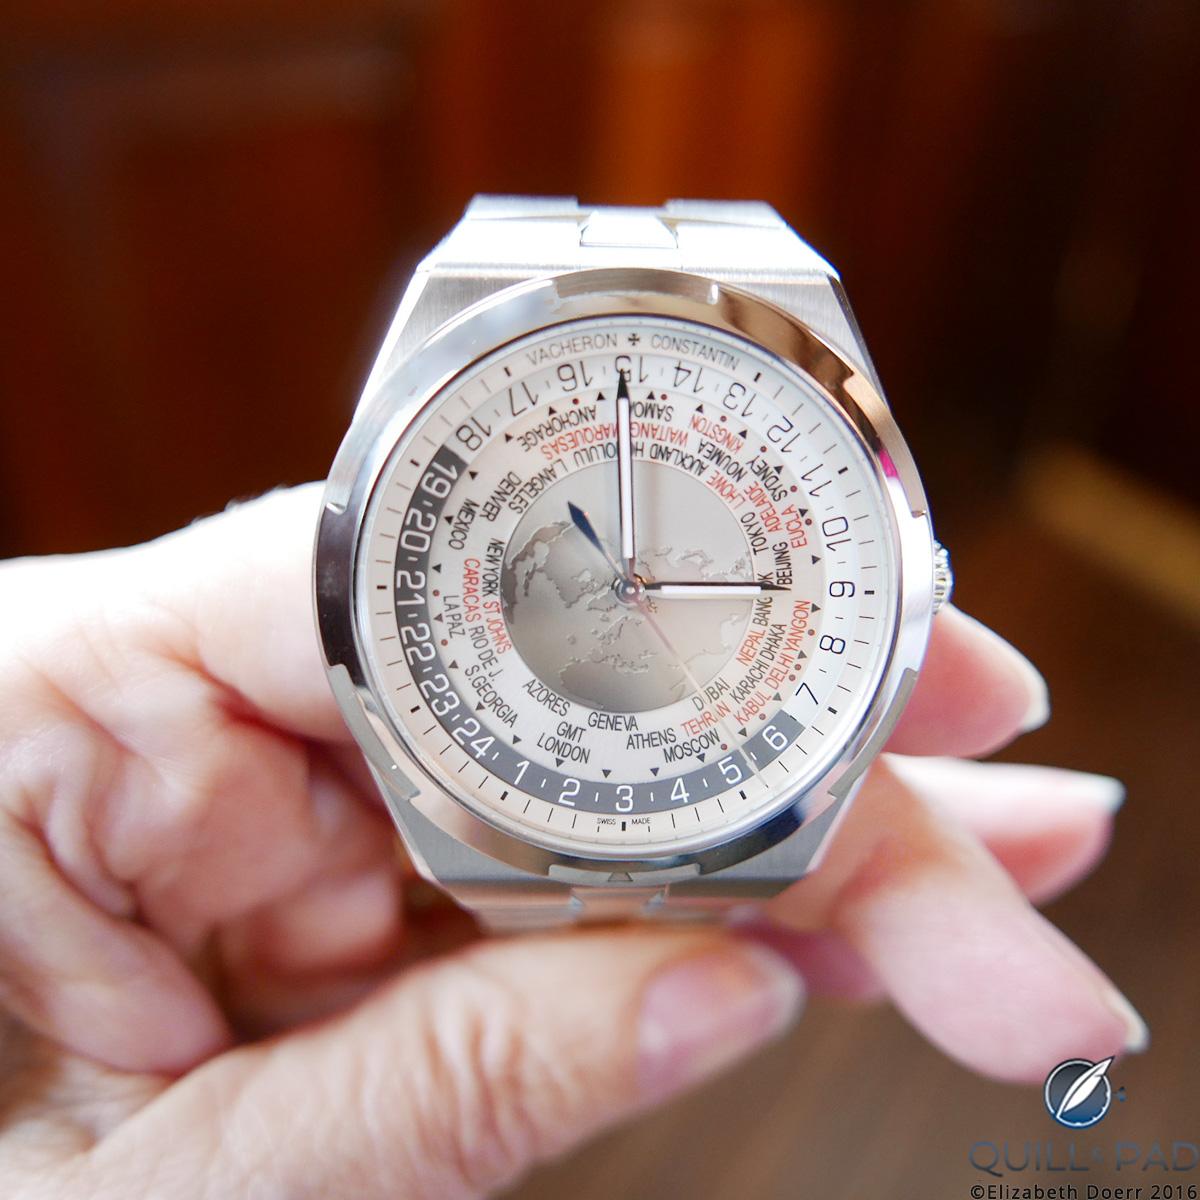 The Vacheron Constantin Overseas worldtimer with a brown dial